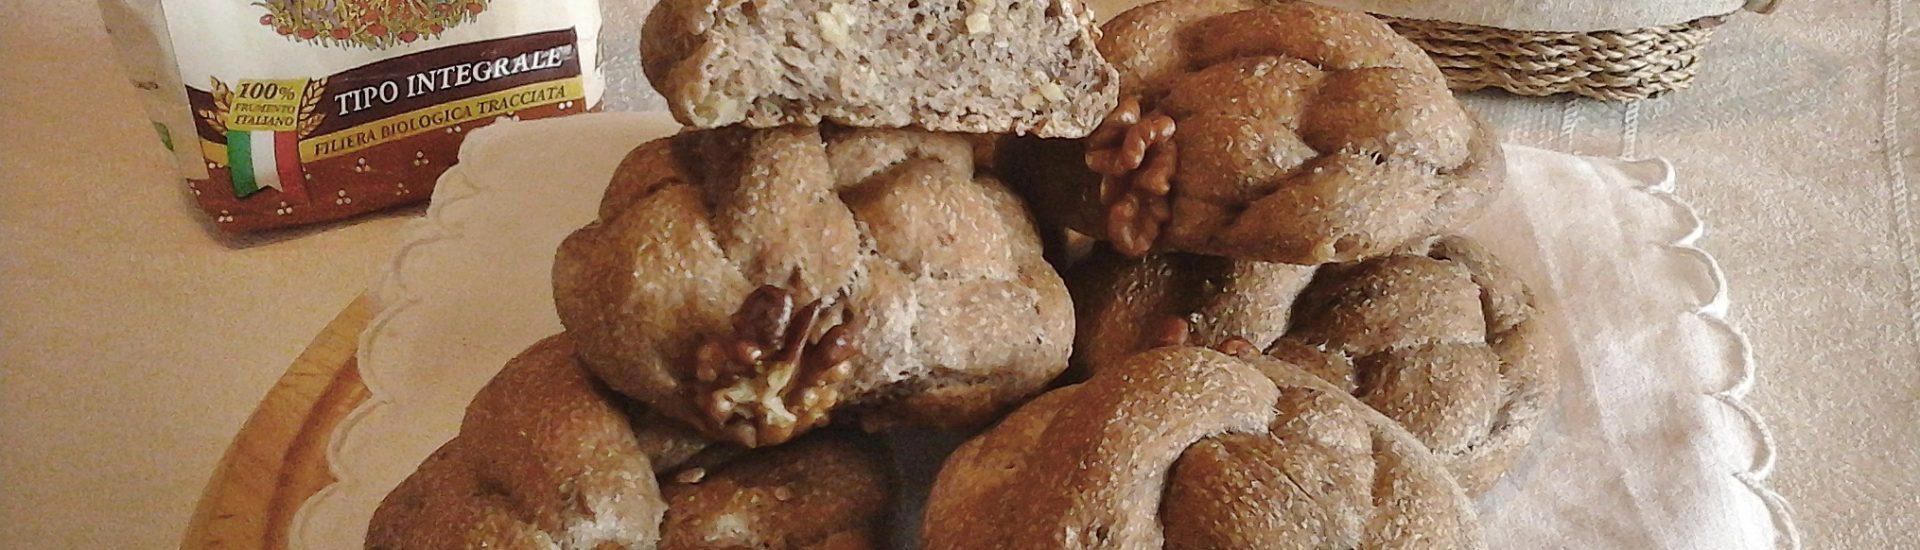 Panini integrali con noci e pasta madre